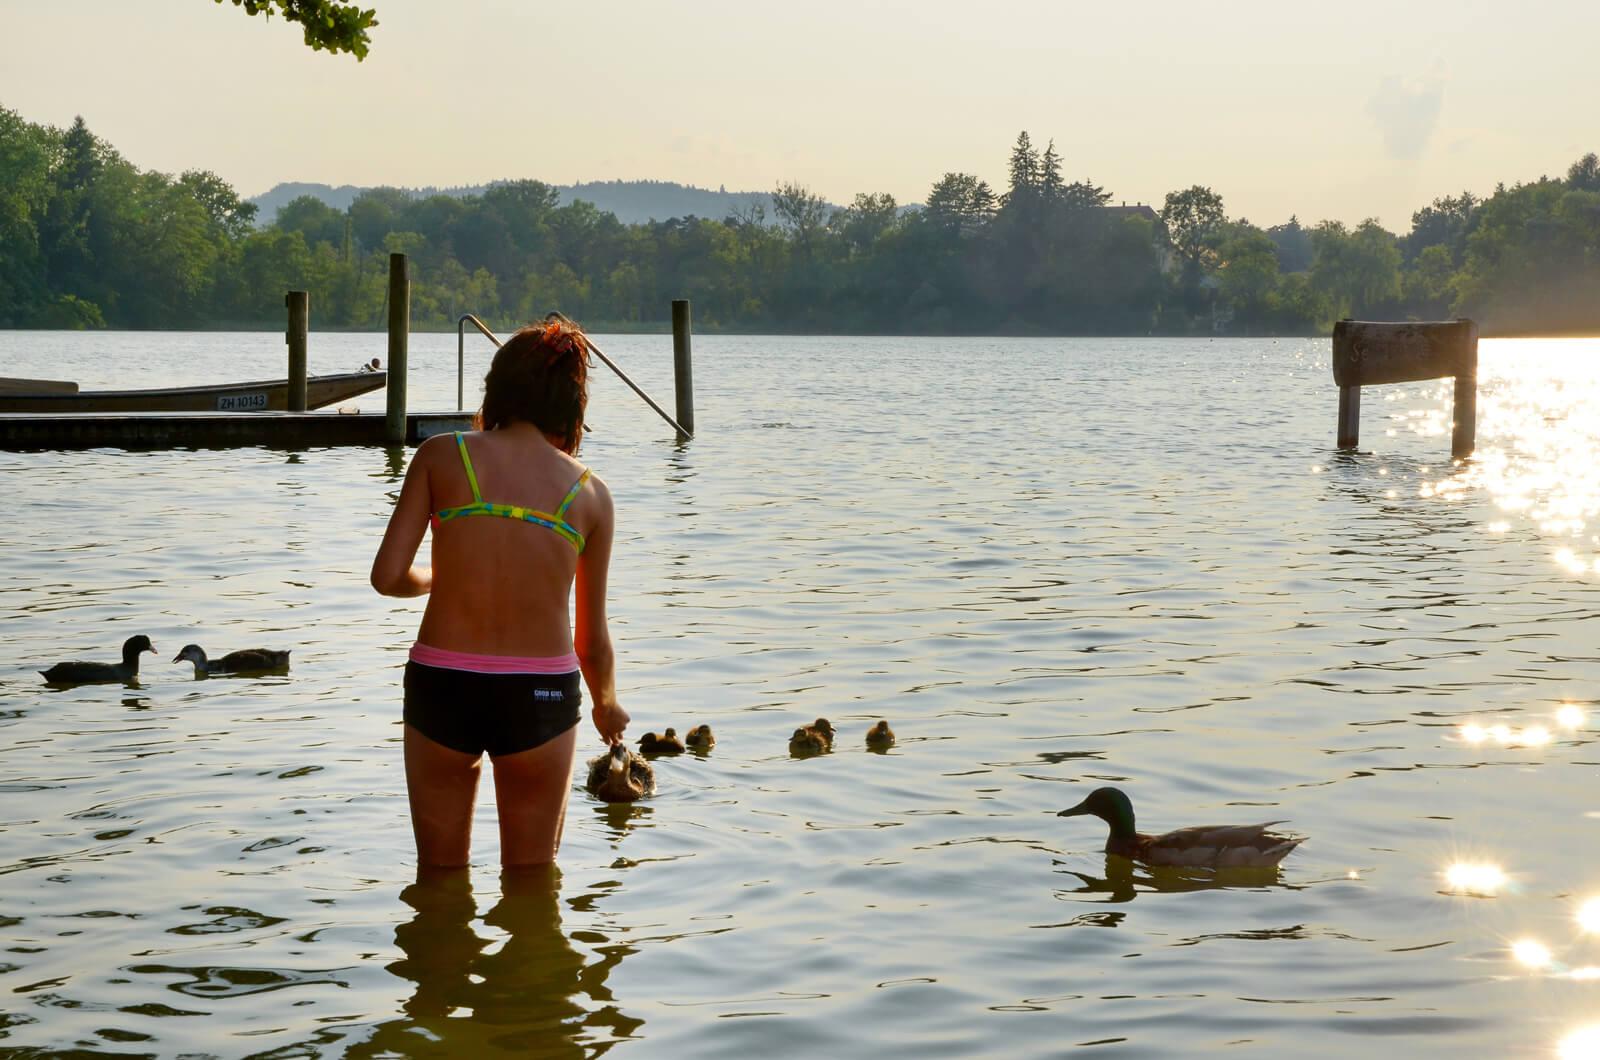 Lake Unterer Katzensee near Zurich